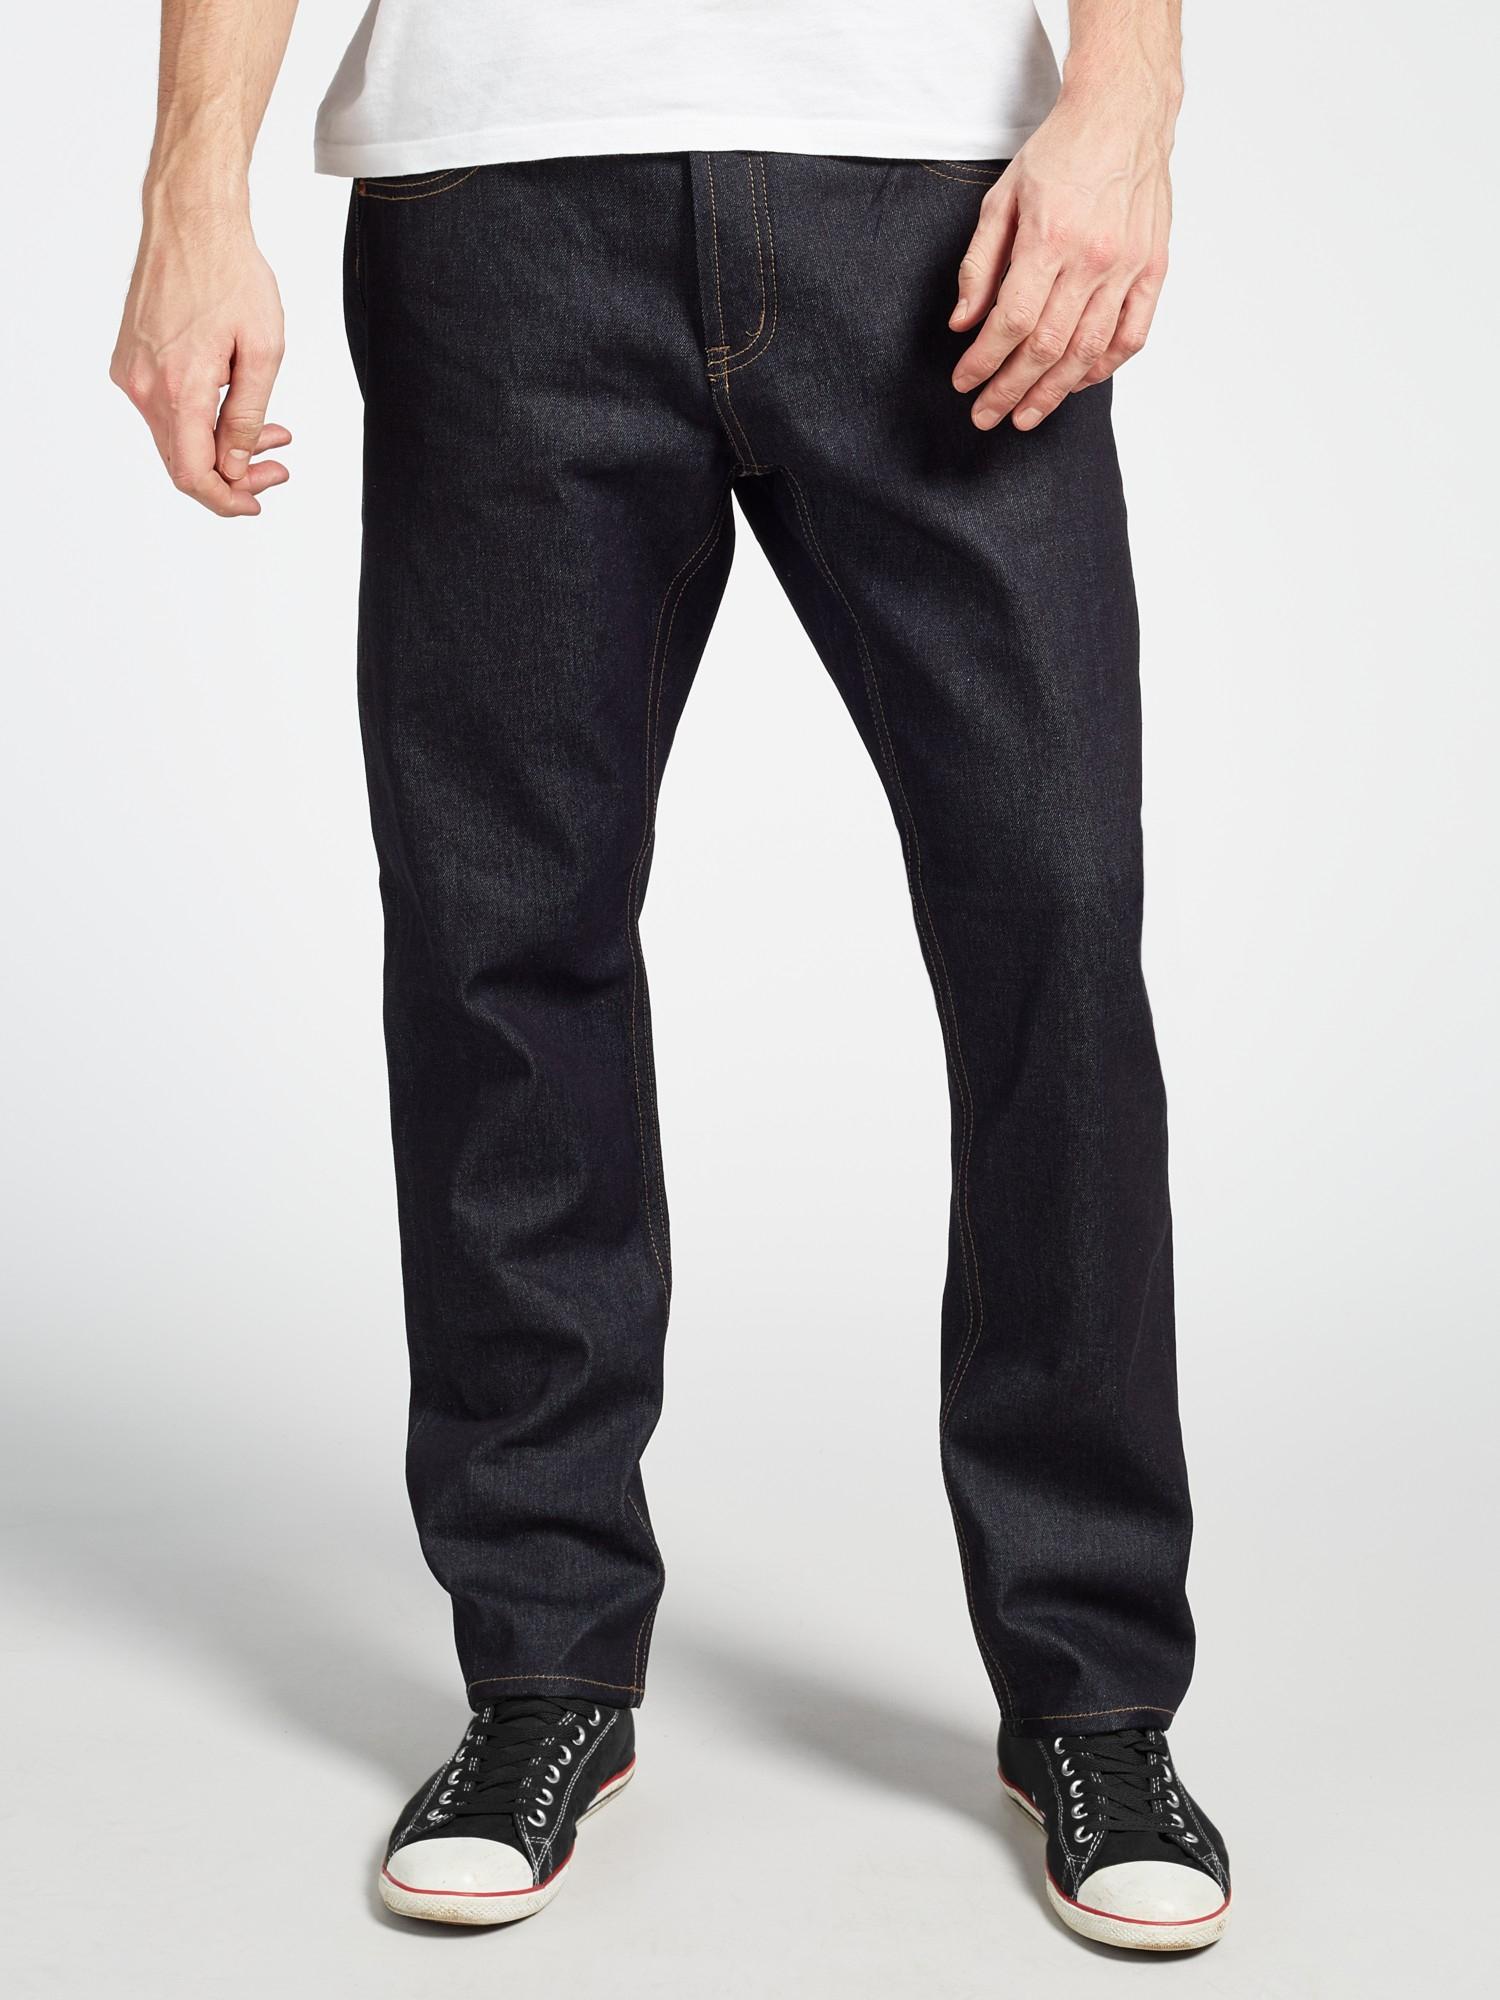 Cheap Monkey Jeans - Jeans Am